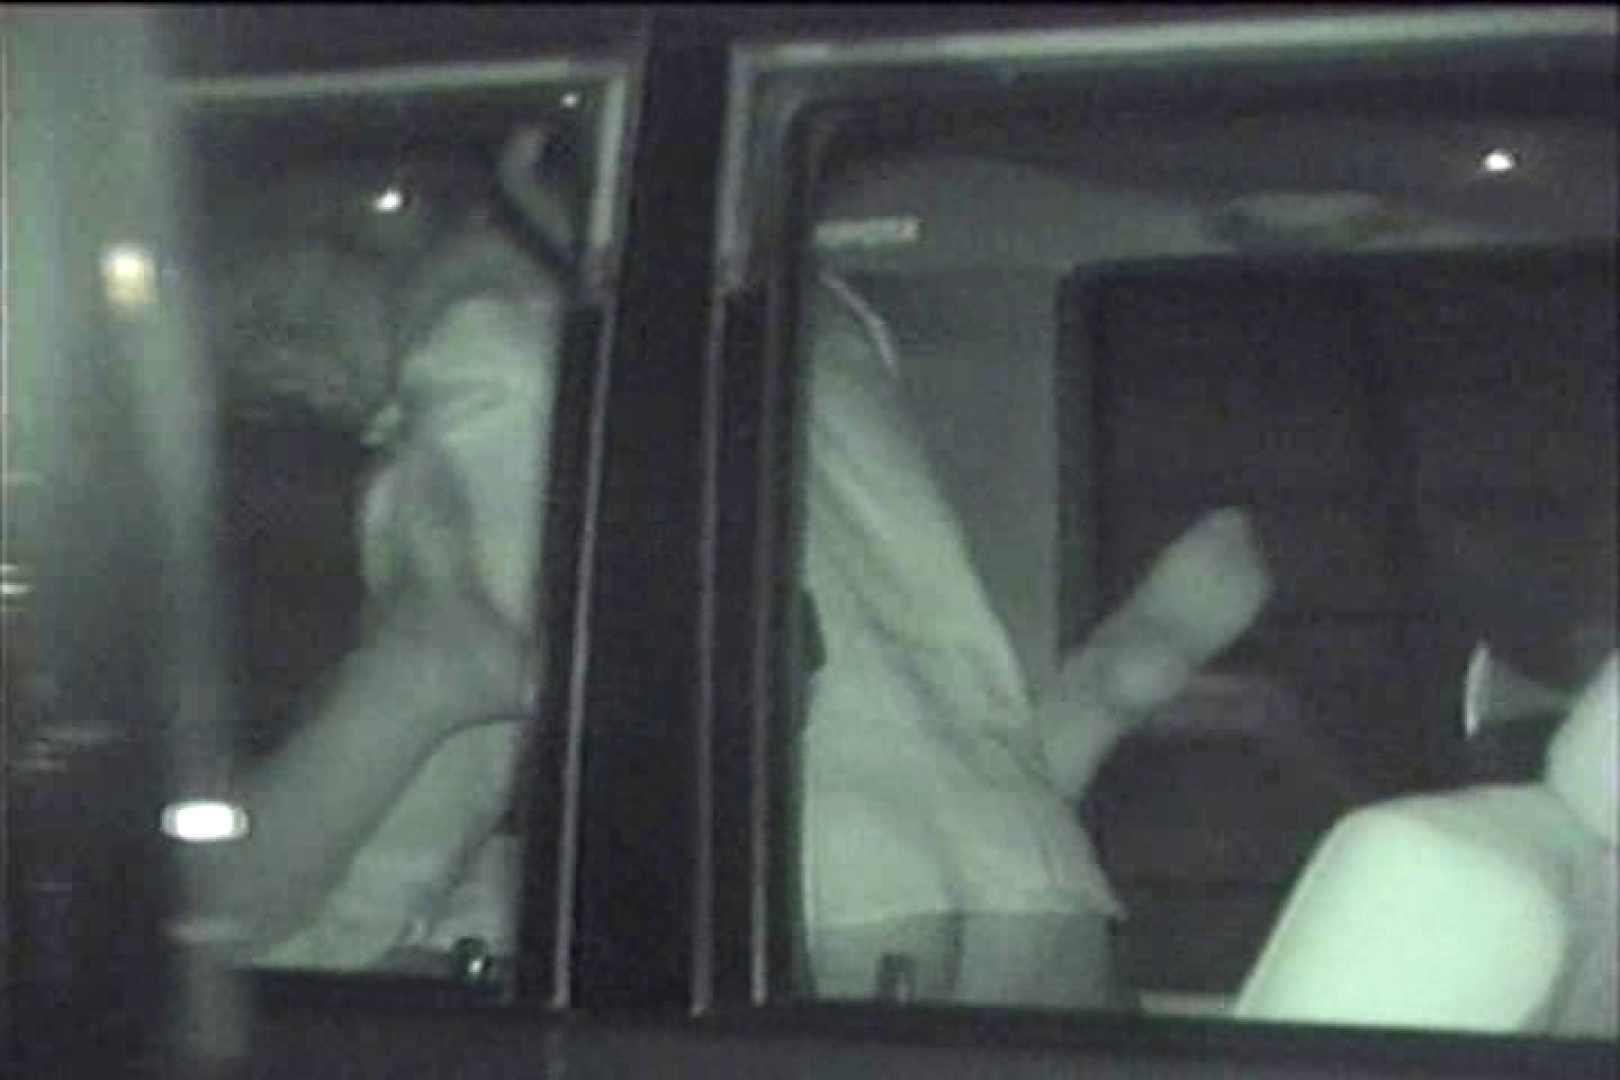 車の中はラブホテル 無修正版  Vol.16 セックス オマンコ動画キャプチャ 86PIX 70